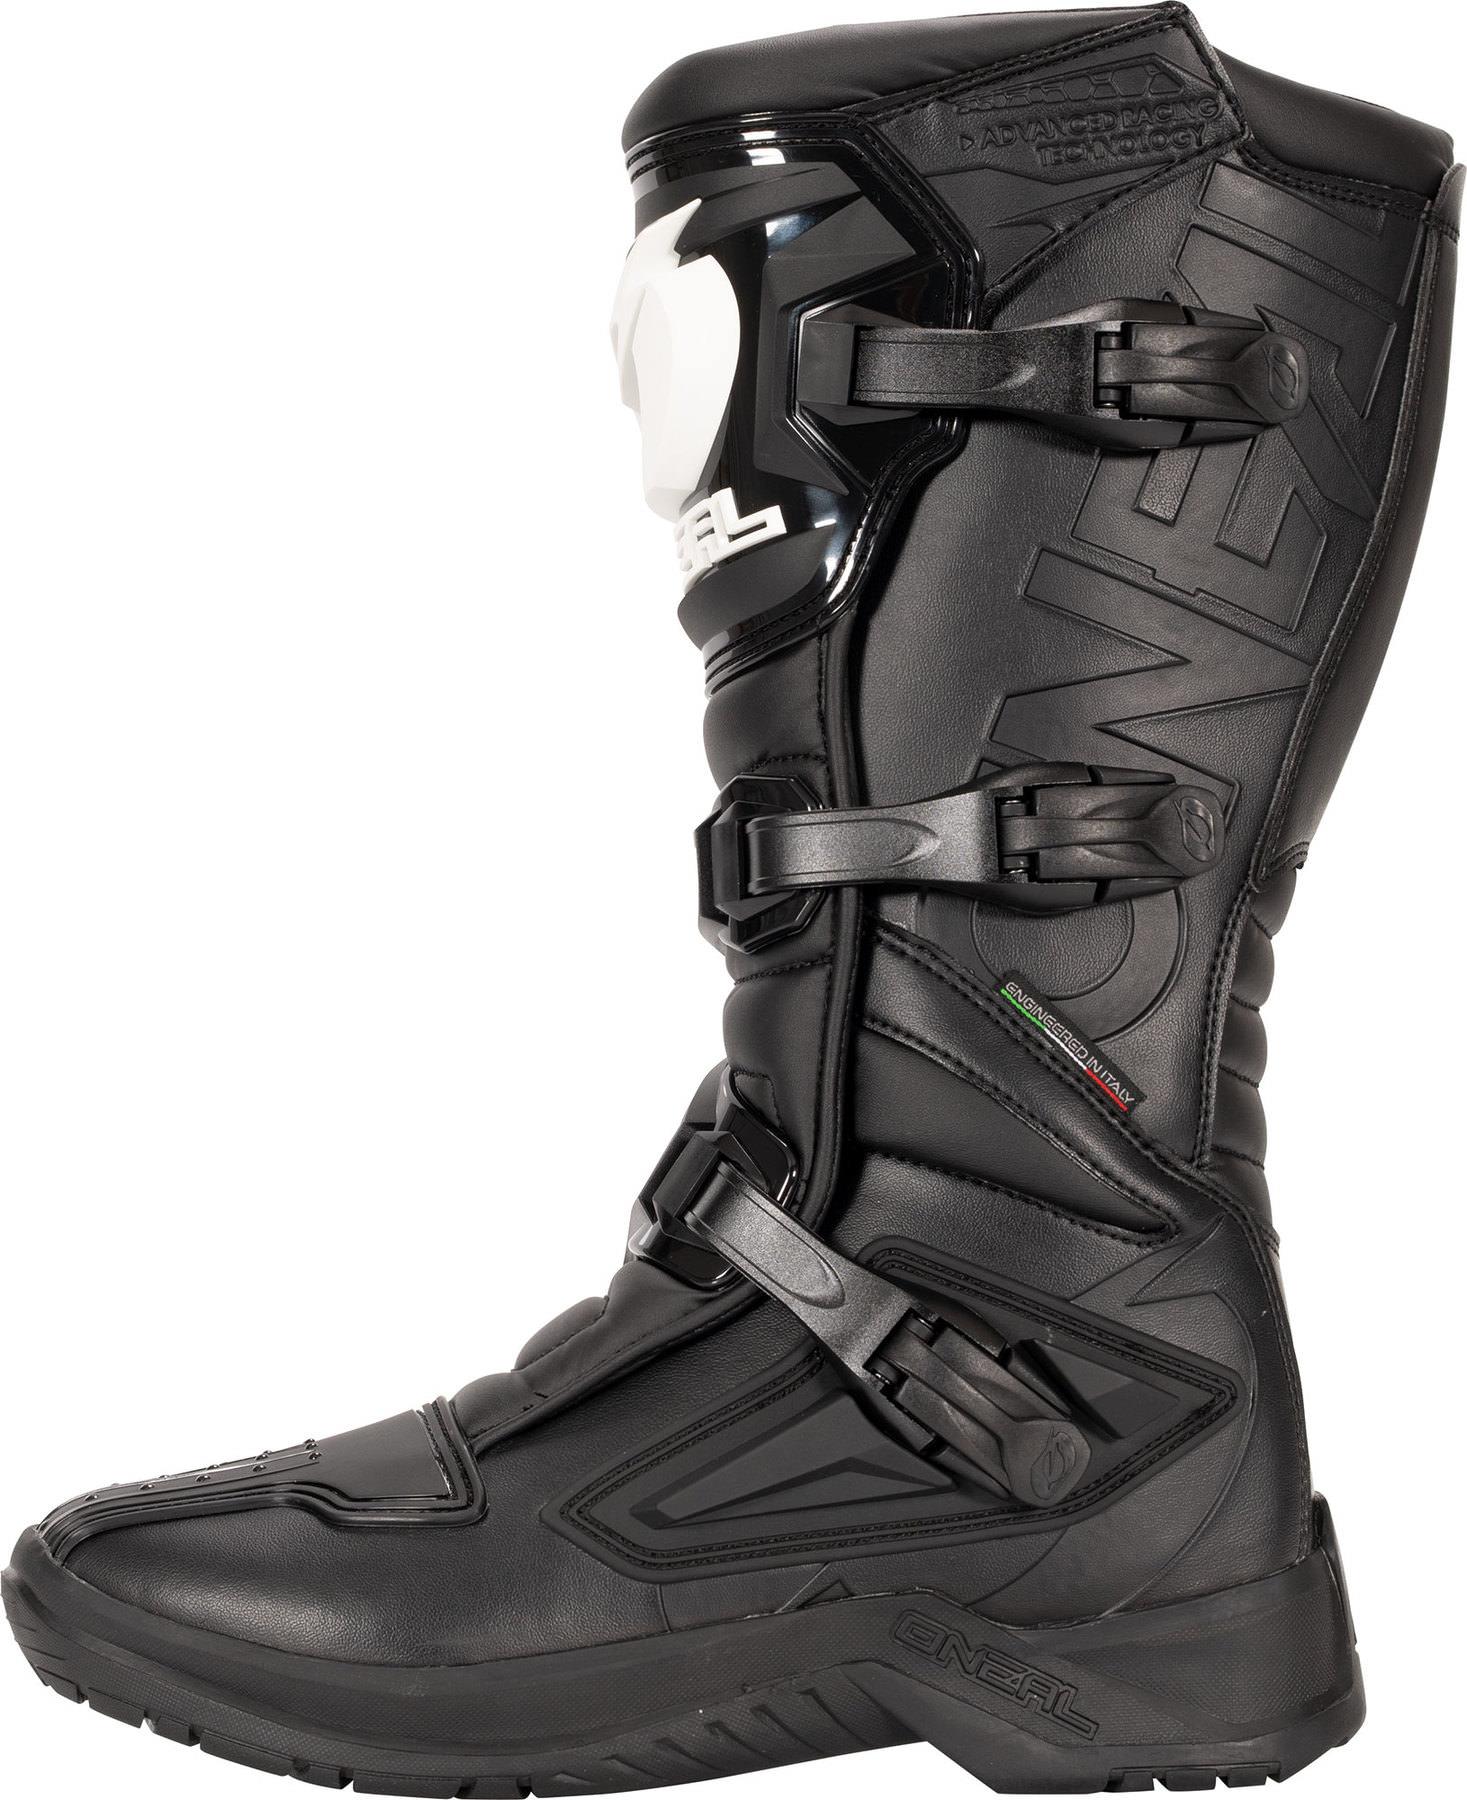 Oneal RSX Boot EU Black Protectors MX Motocross